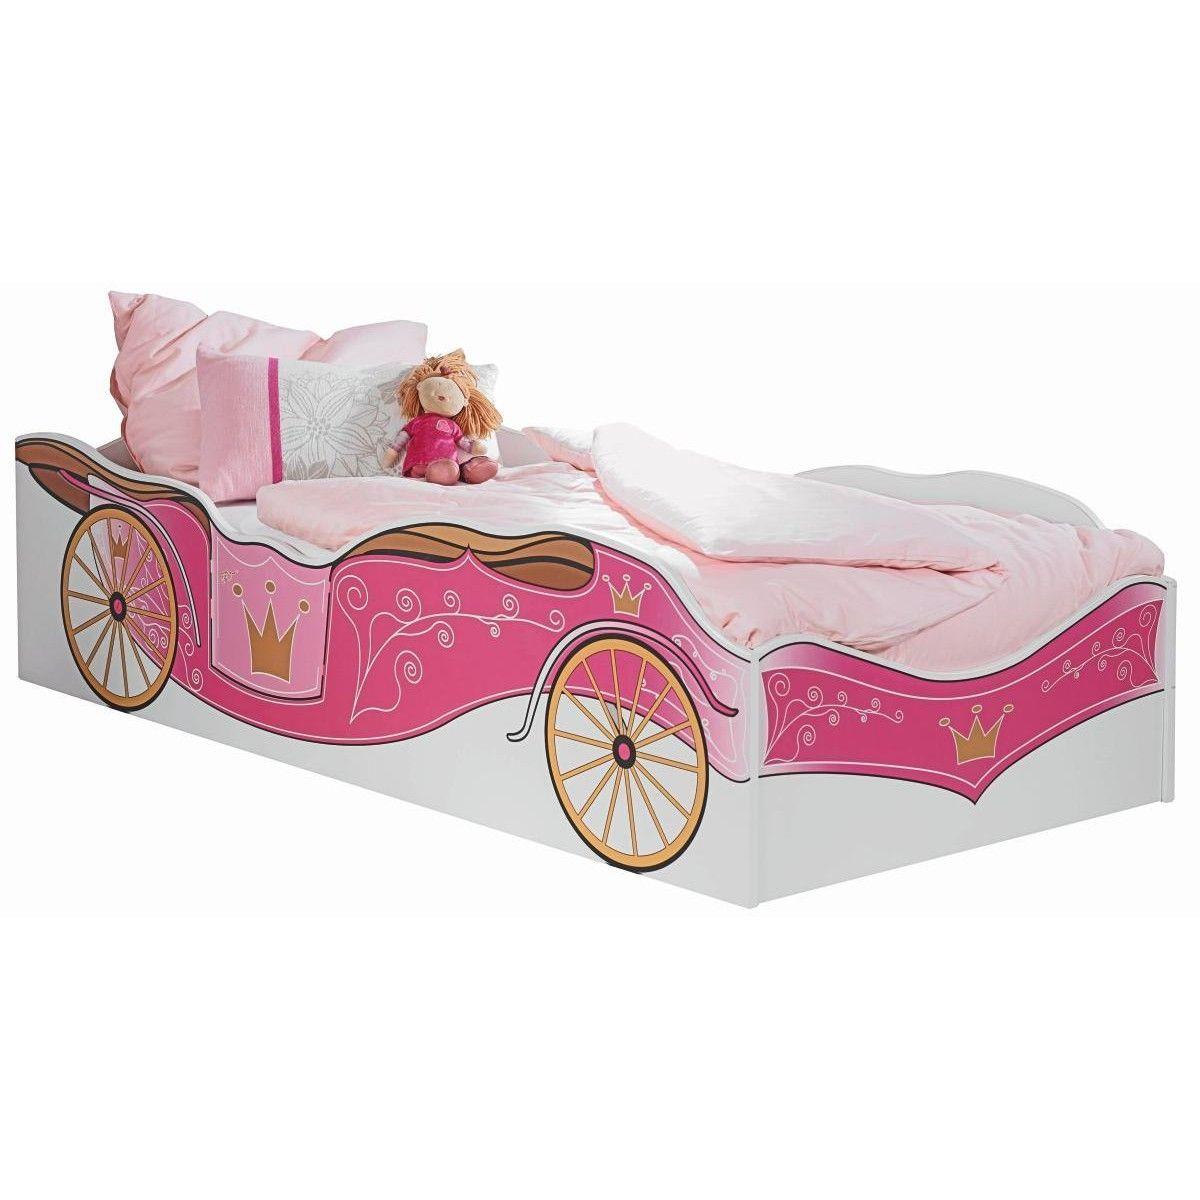 Full Size of Kinderbett Poco Das War Mein Traum Als Kleines Mdchen Eine Richtige Bett Betten Big Sofa Schlafzimmer Komplett Küche 140x200 Wohnzimmer Kinderbett Poco